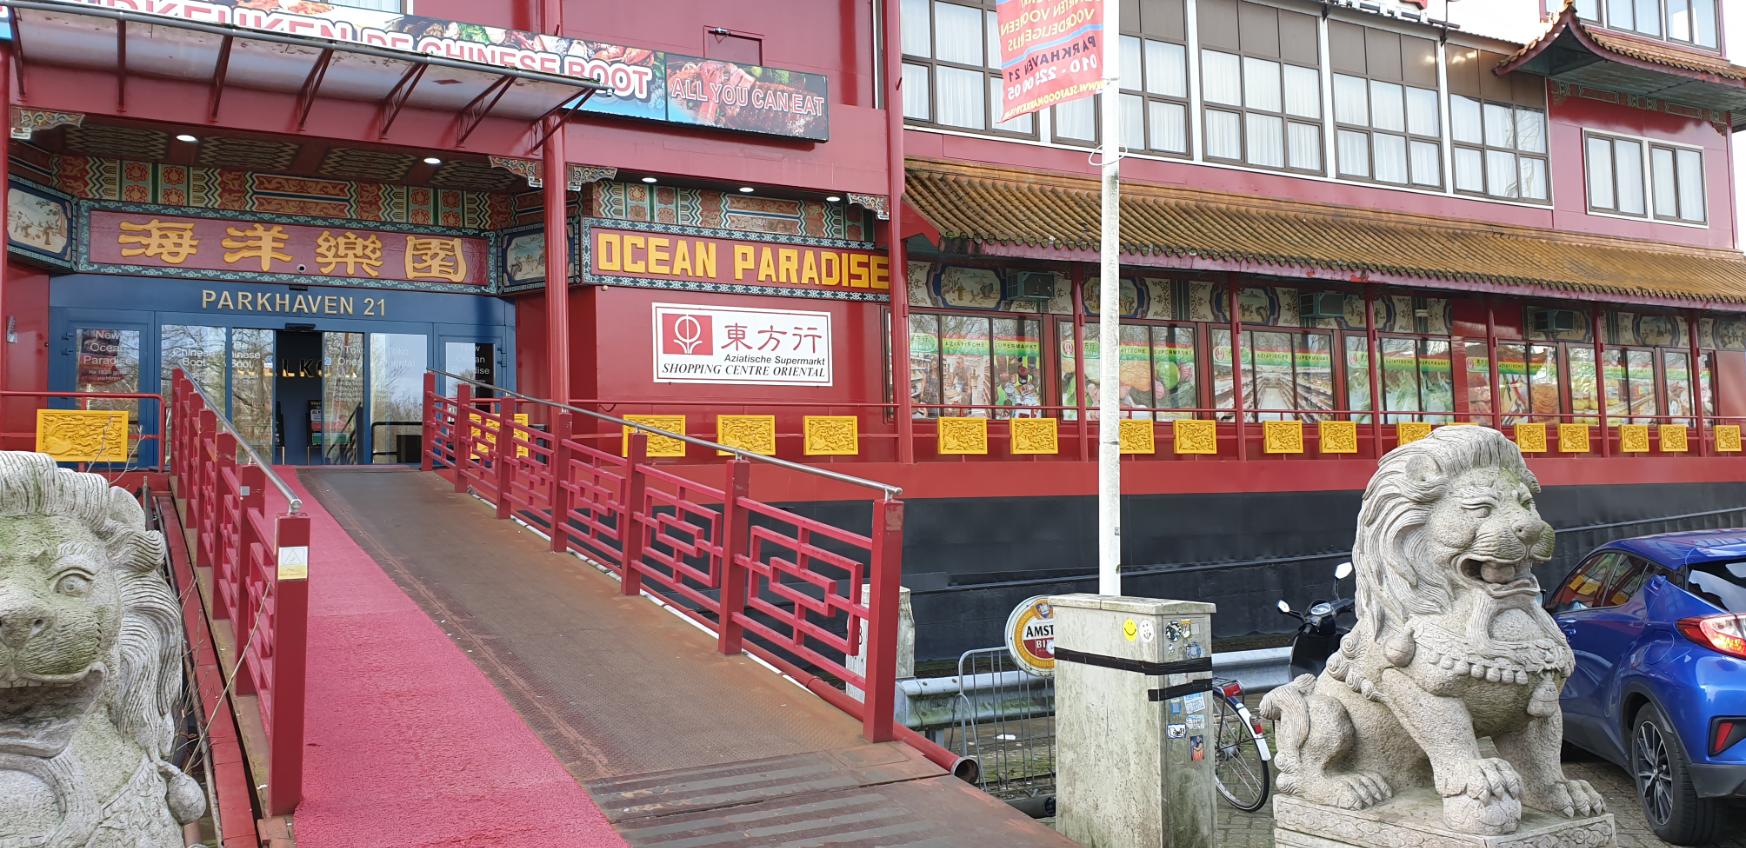 Amazing Oriental Parkhaven